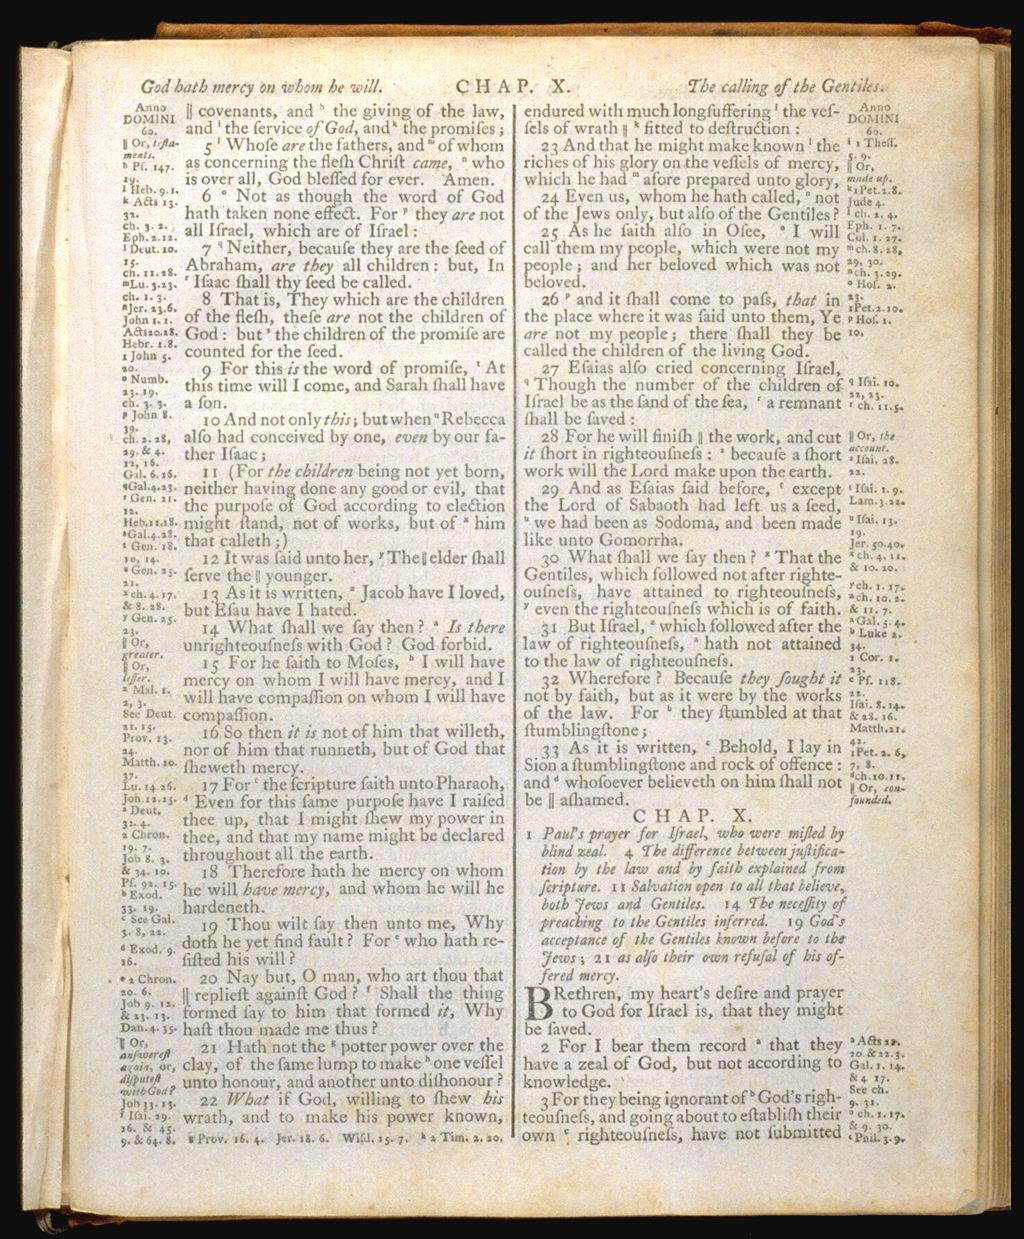 download holy bible kjv version